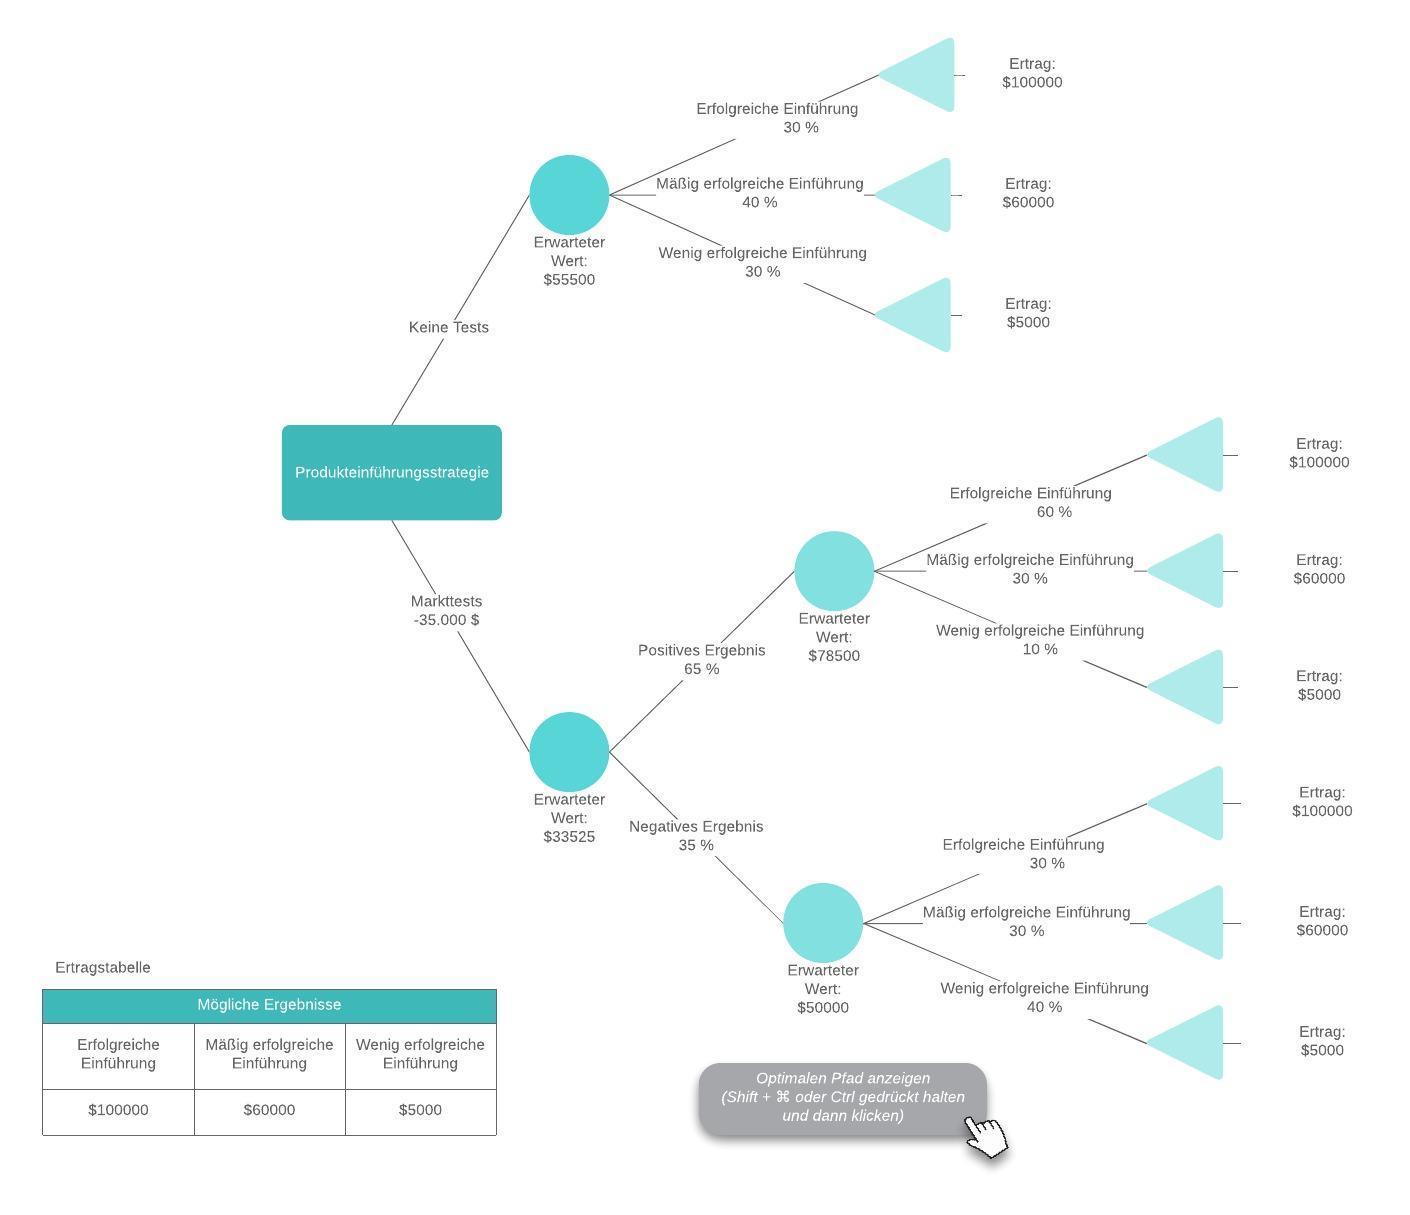 Entscheidungsbaum mit Formeln